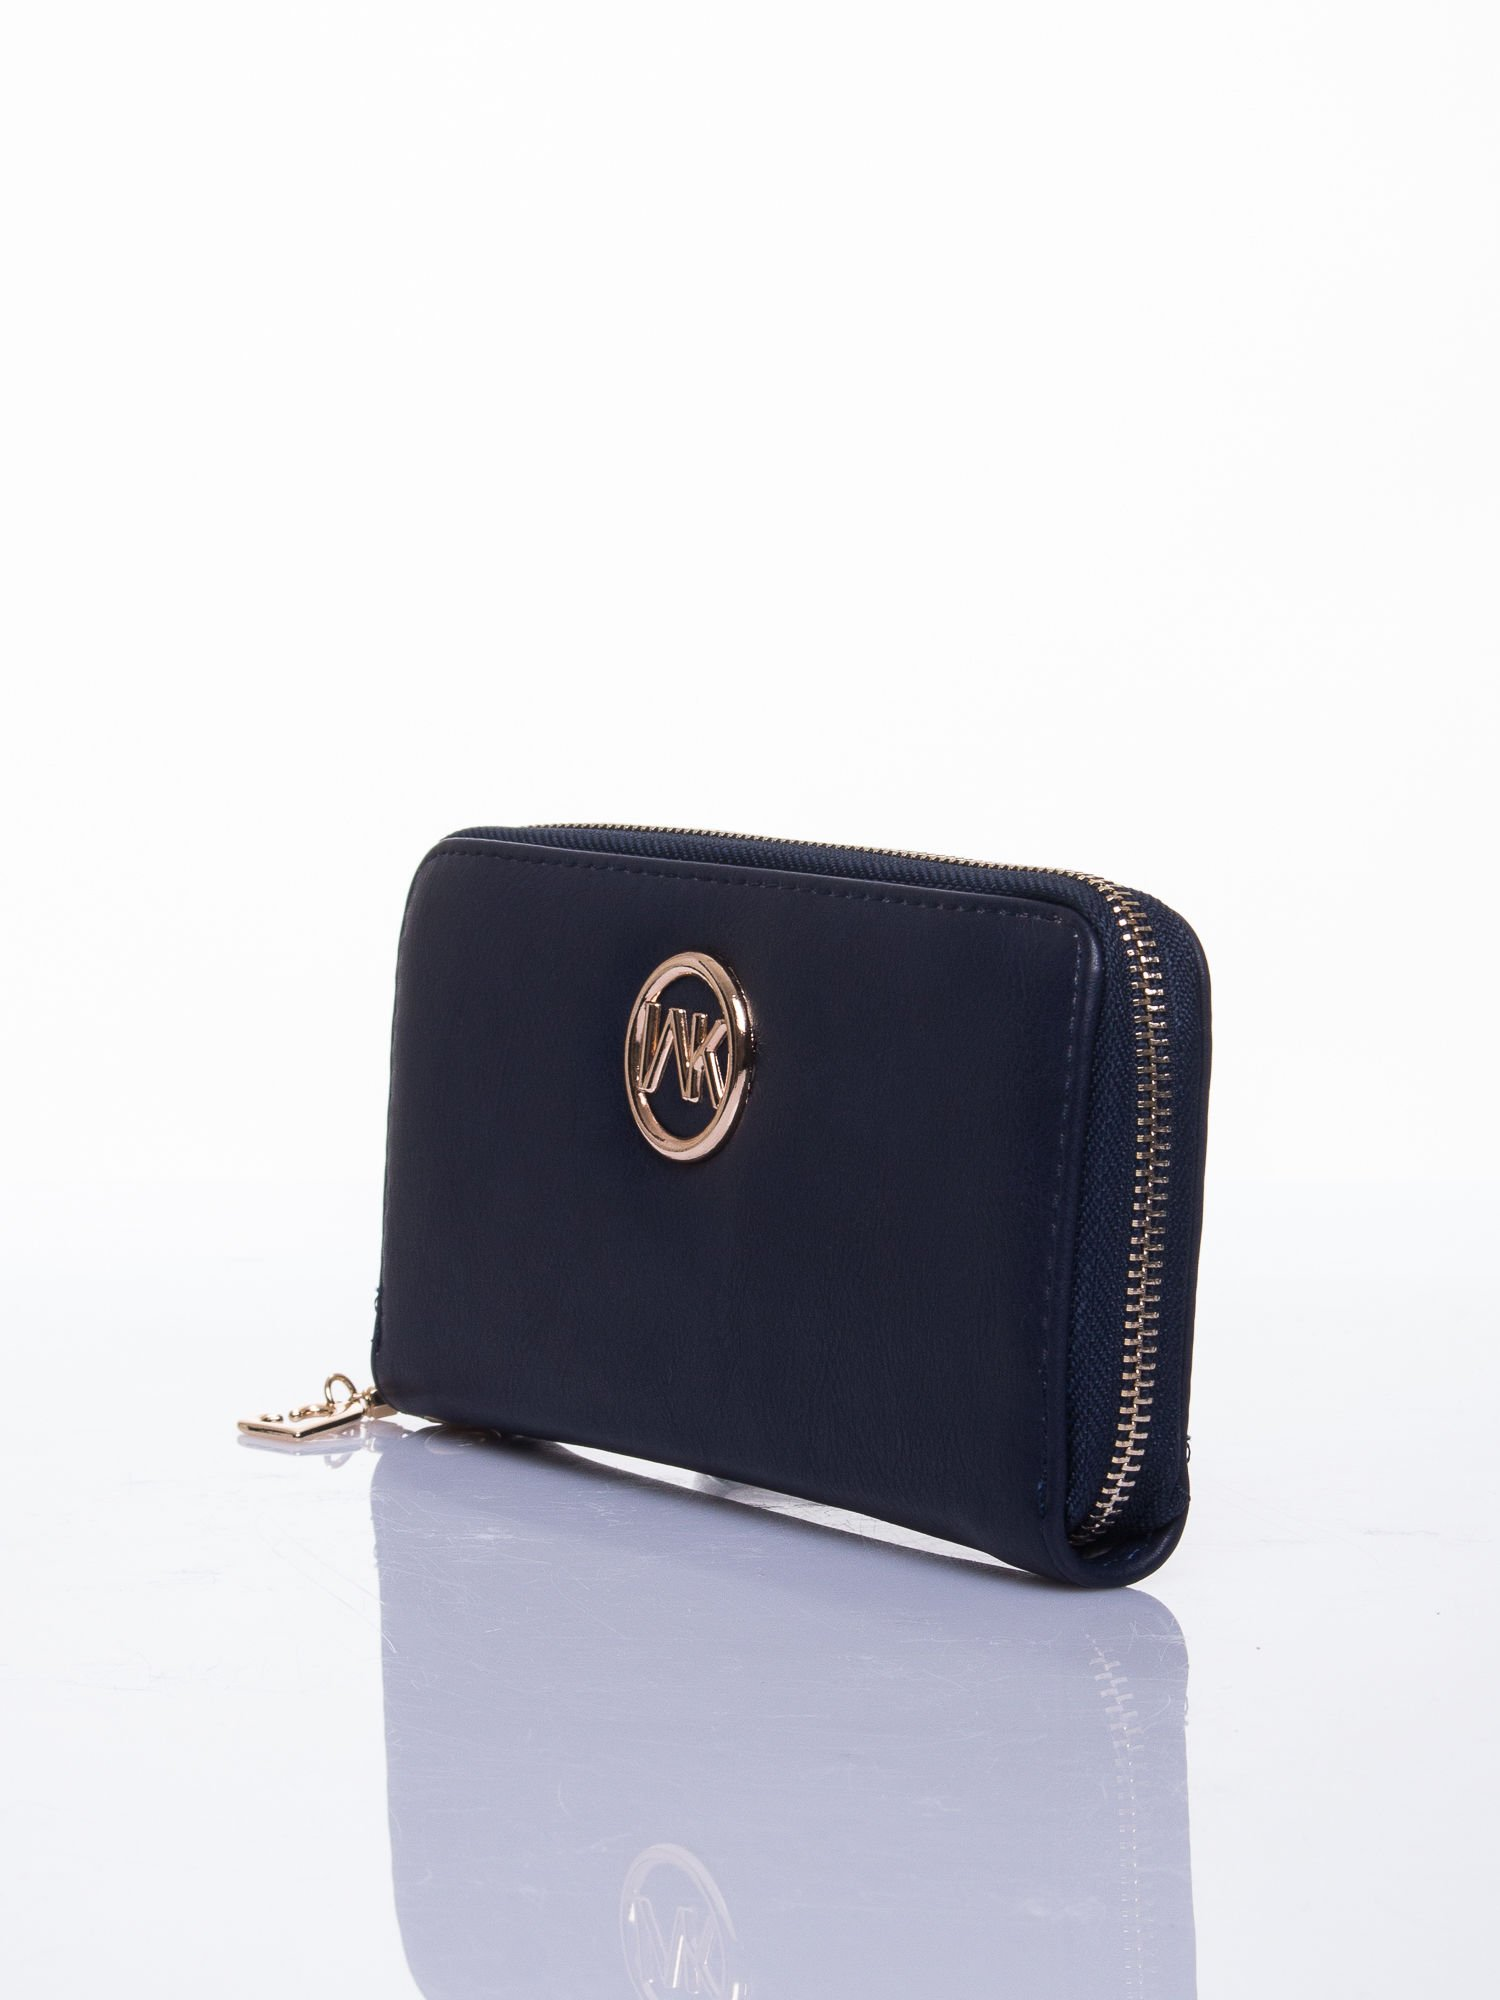 Granatowy portfel z uchwytem na rękę i złotym logiem                                  zdj.                                  2